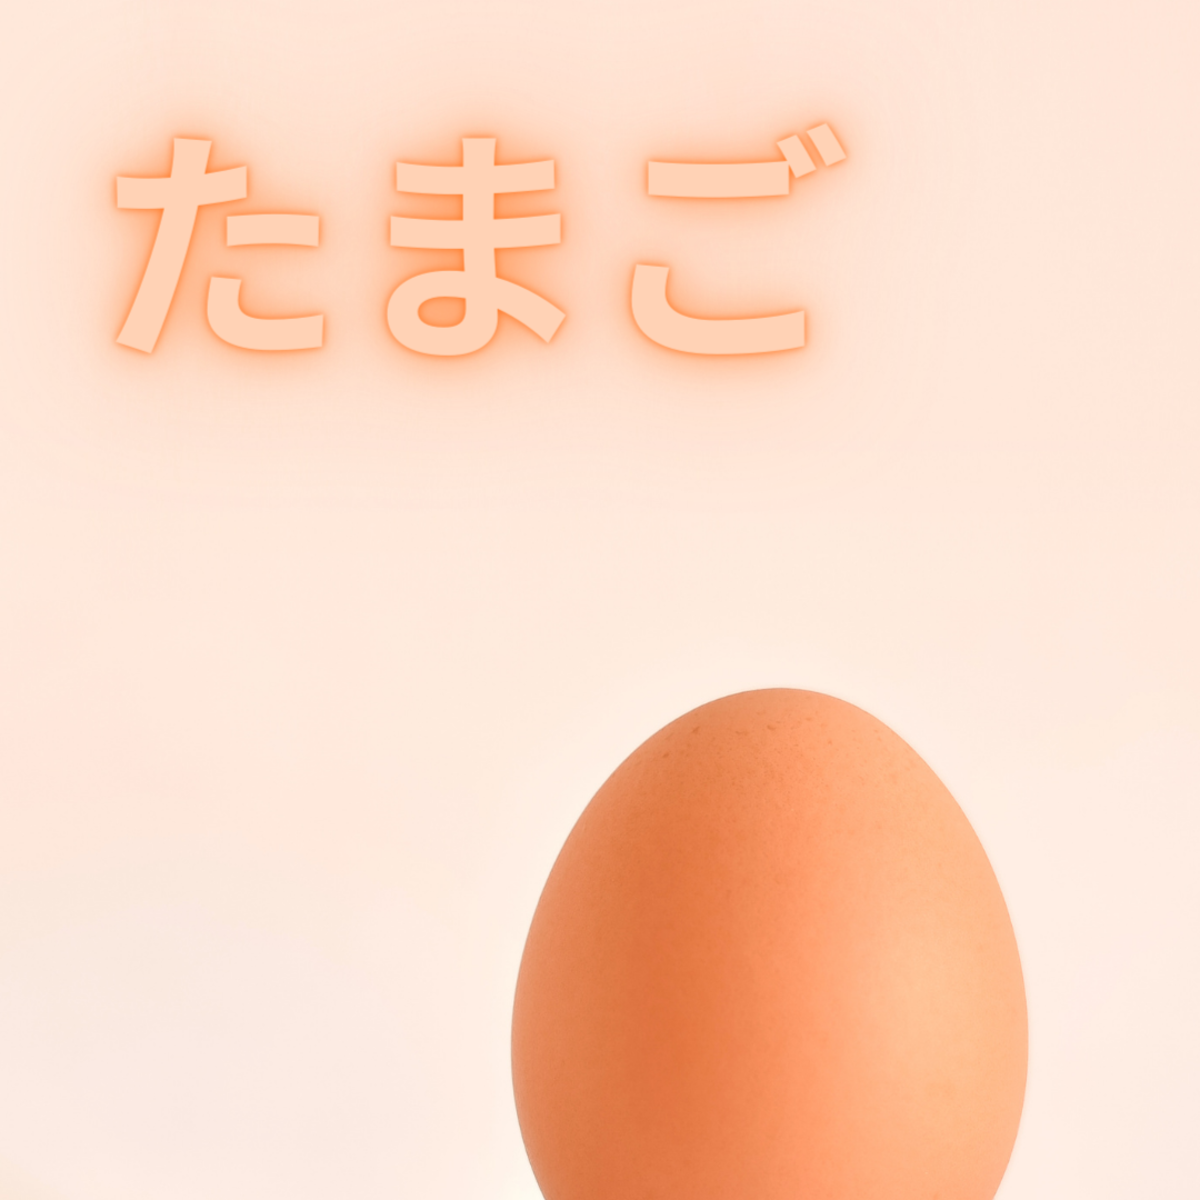 Tamago or Egg